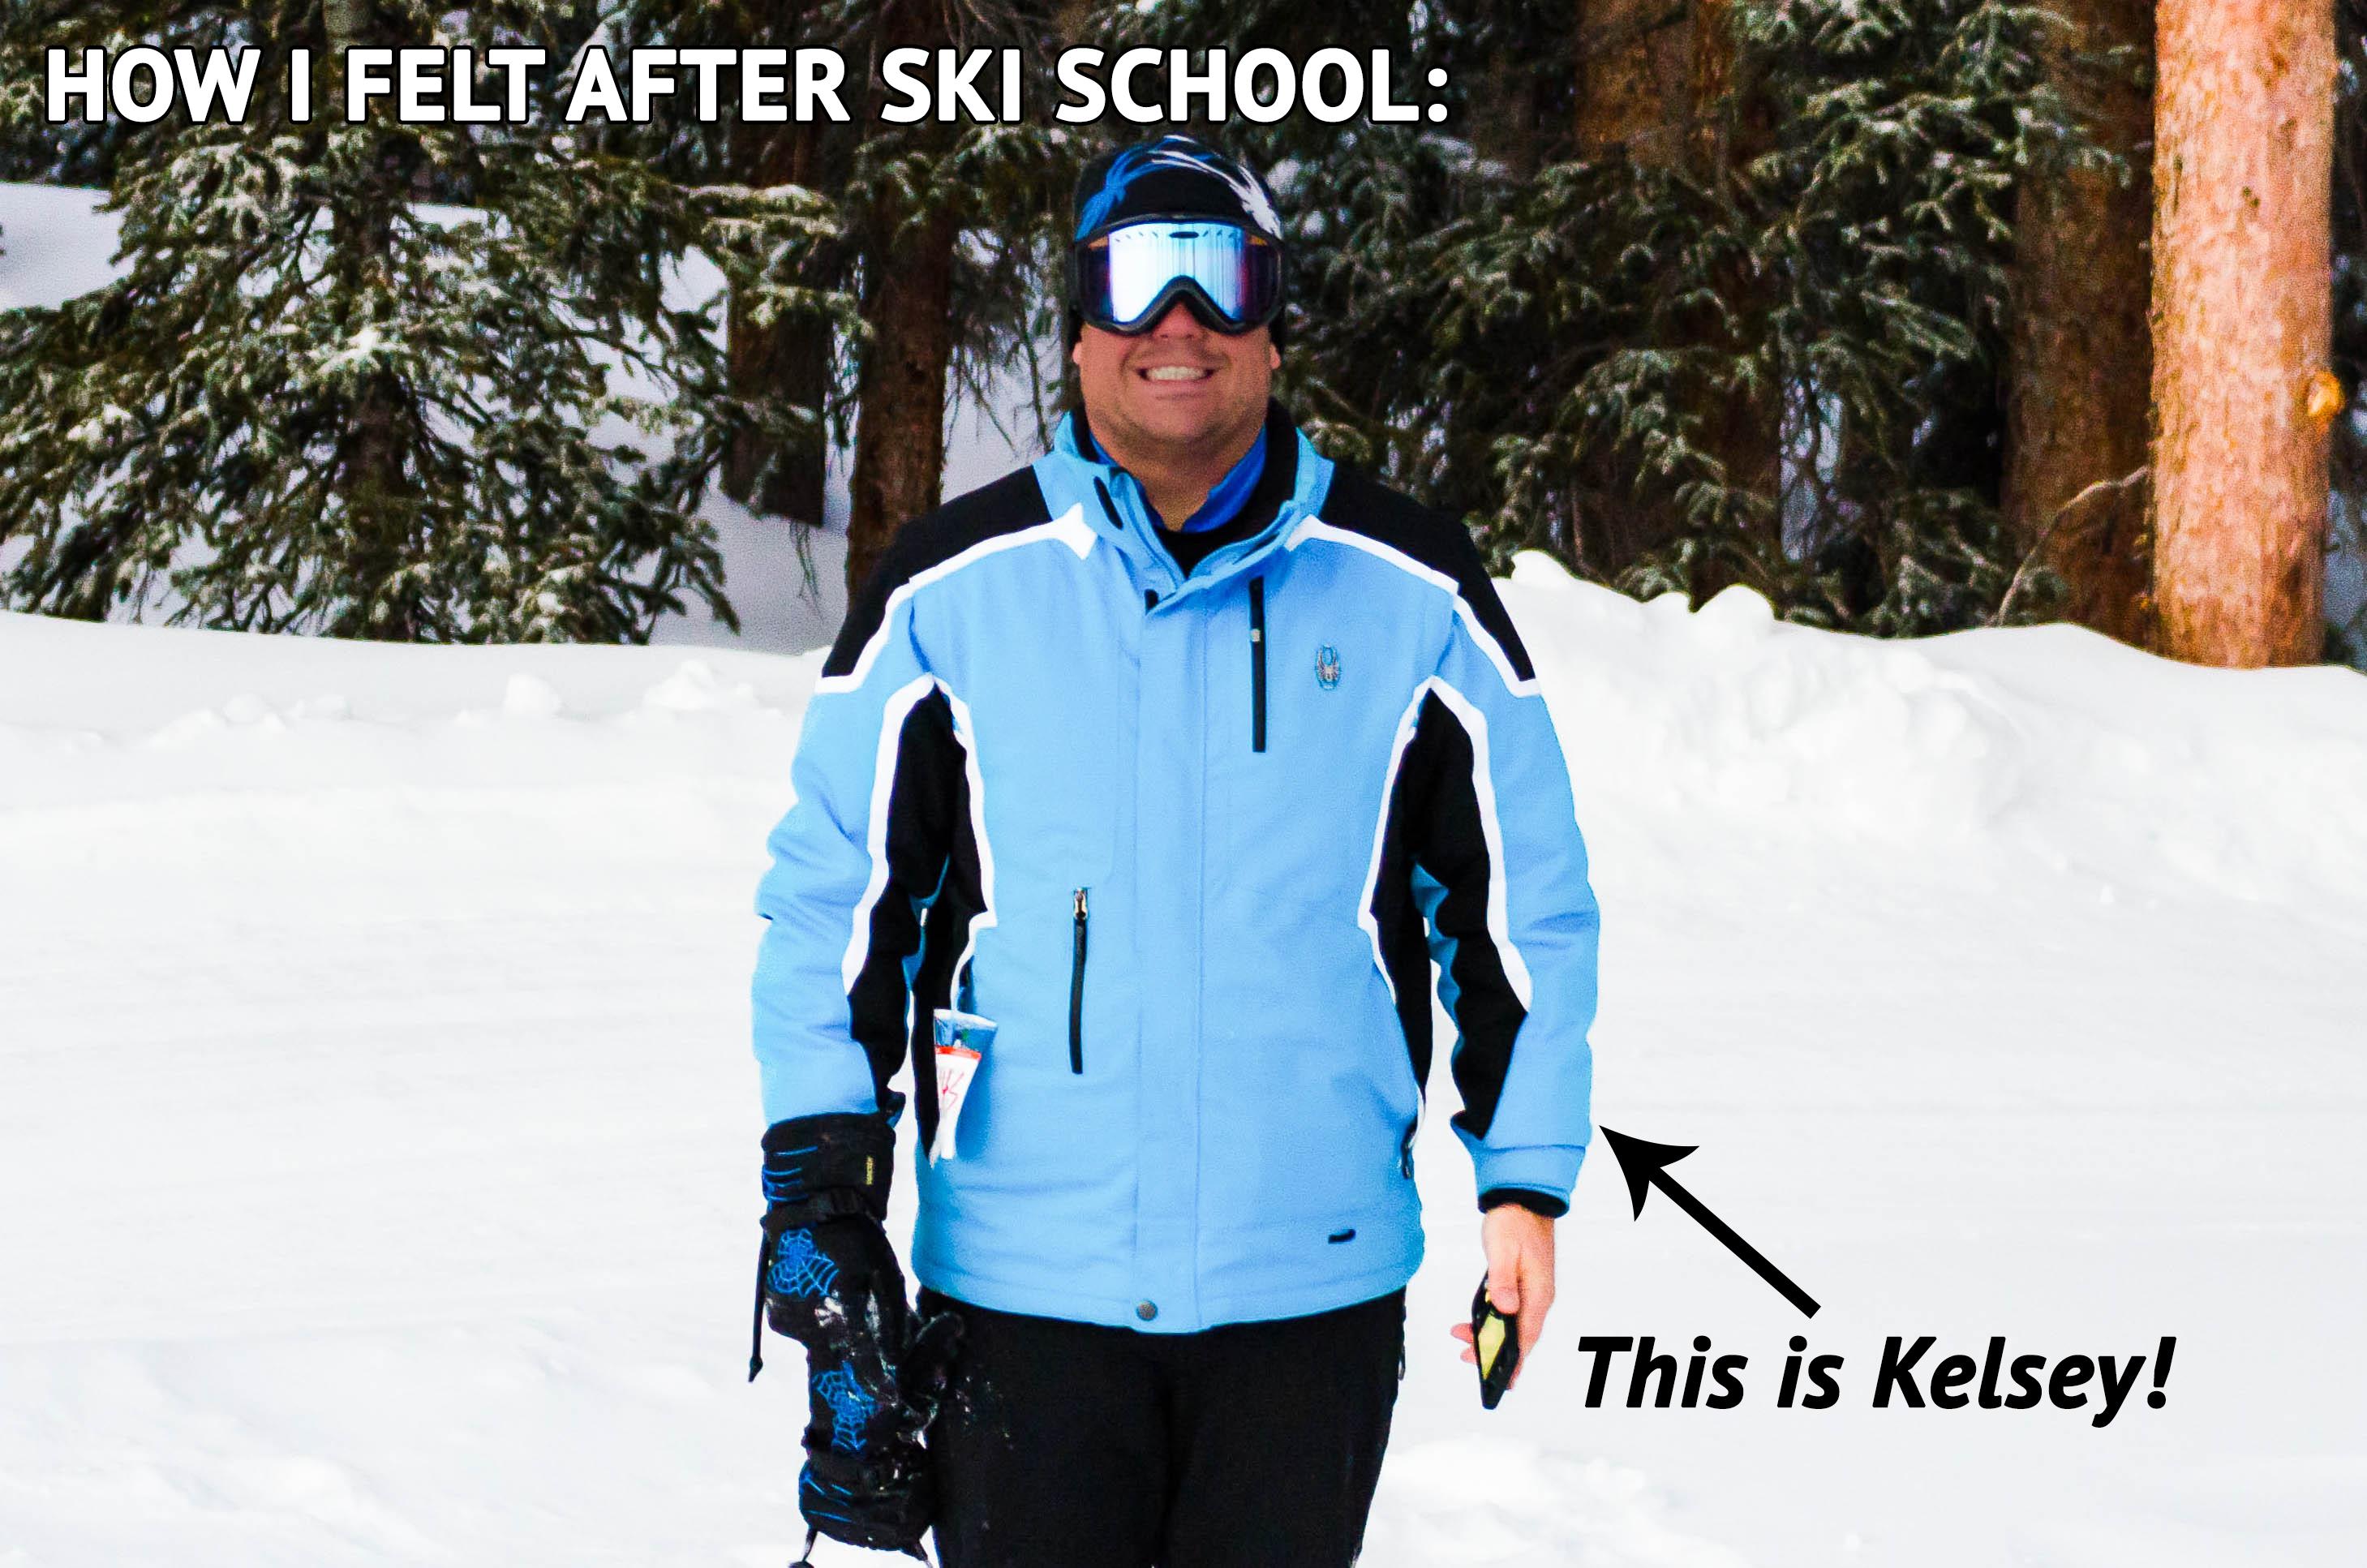 kelsey-after-ski-school